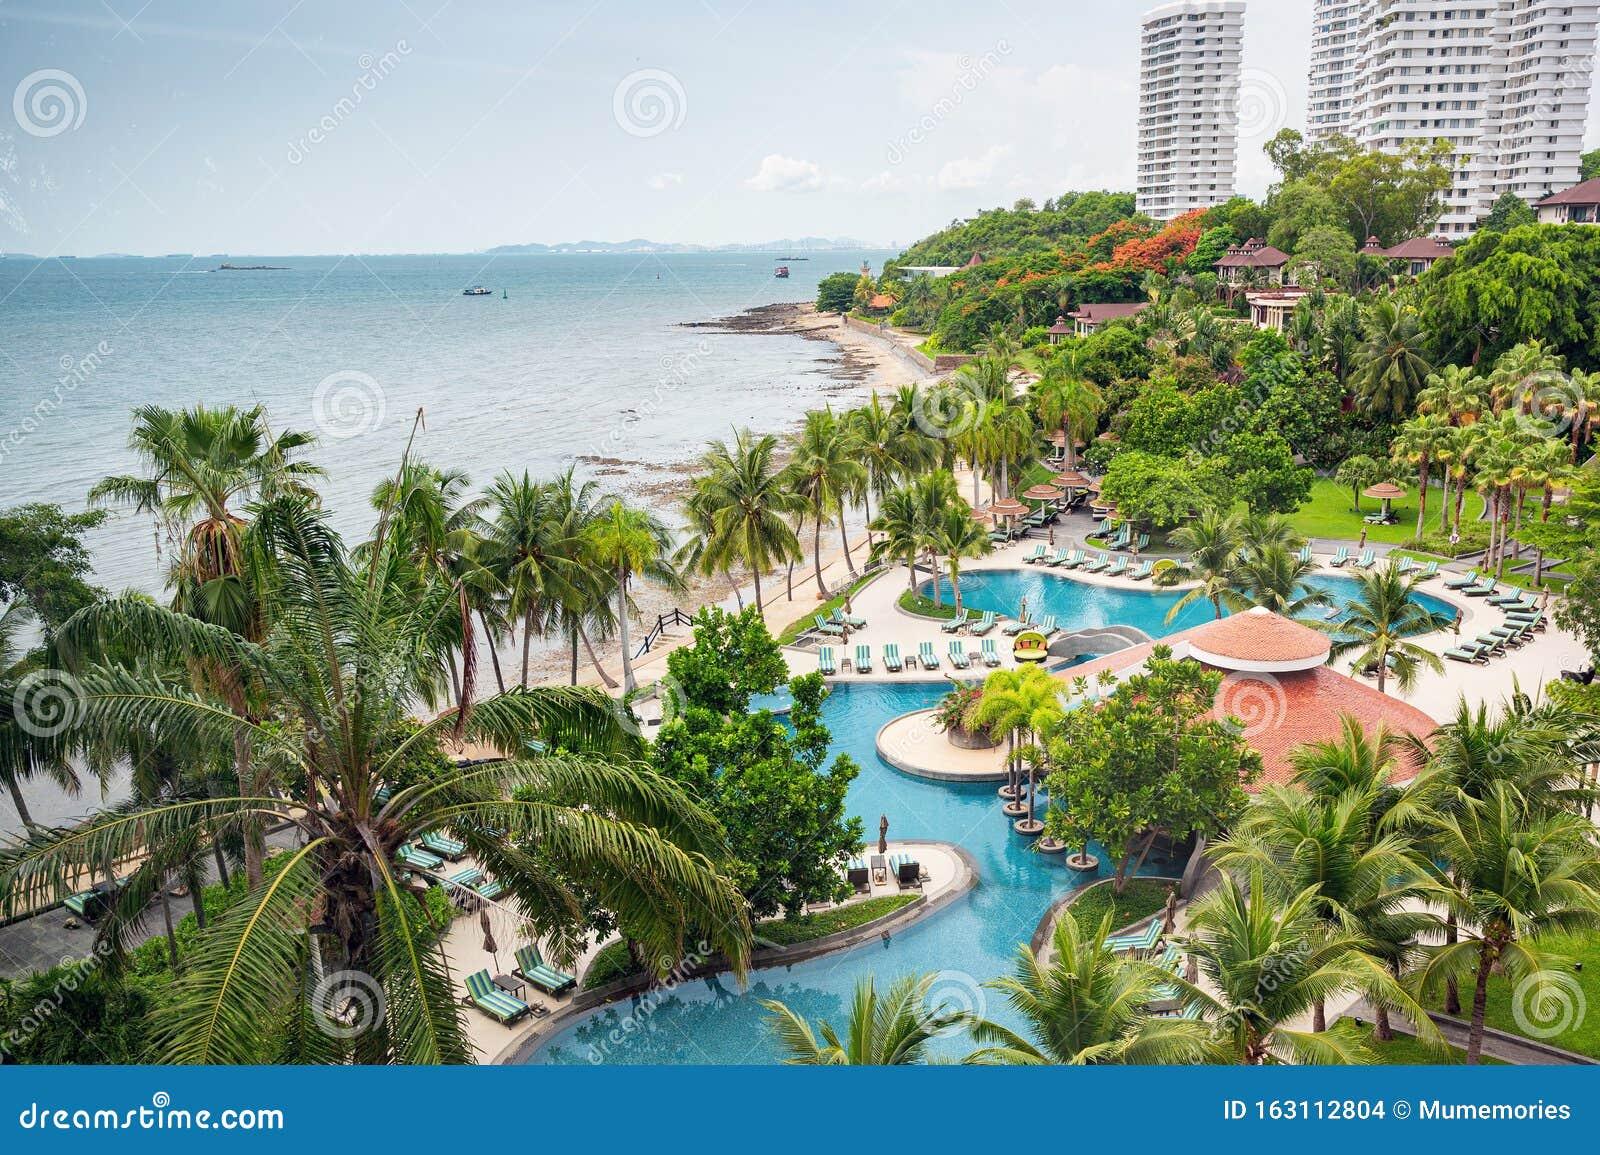 Scenery Of Luxury Resort Surrounding Green Garden With Swimming